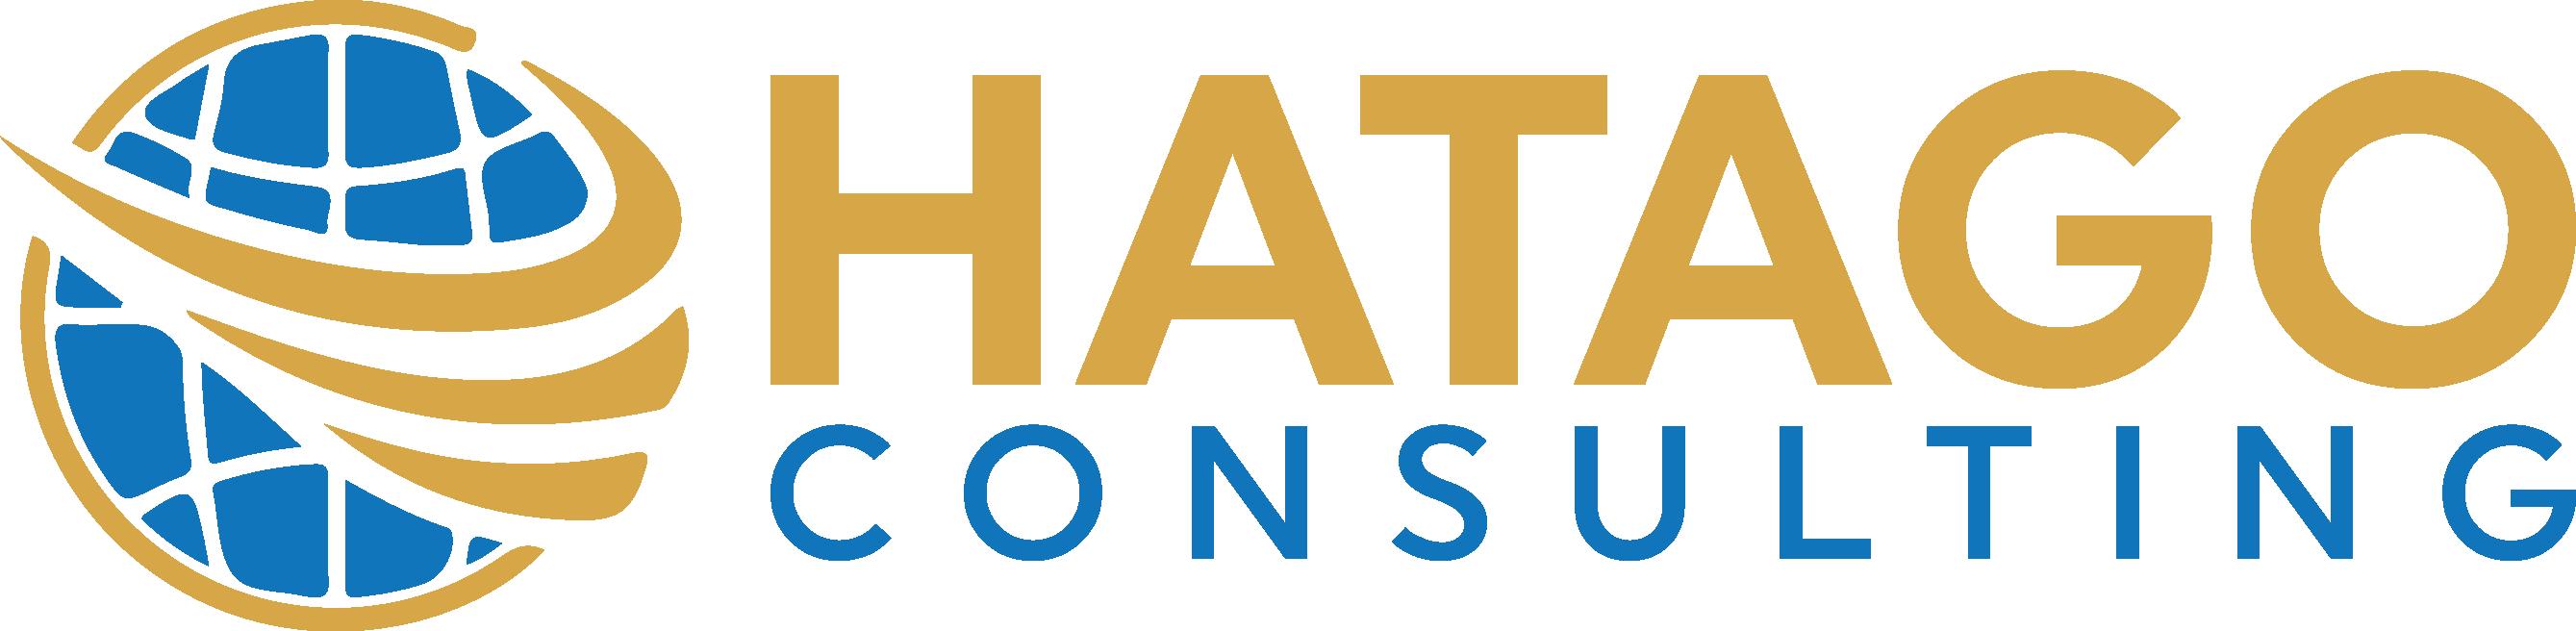 Hatago Consulting logo